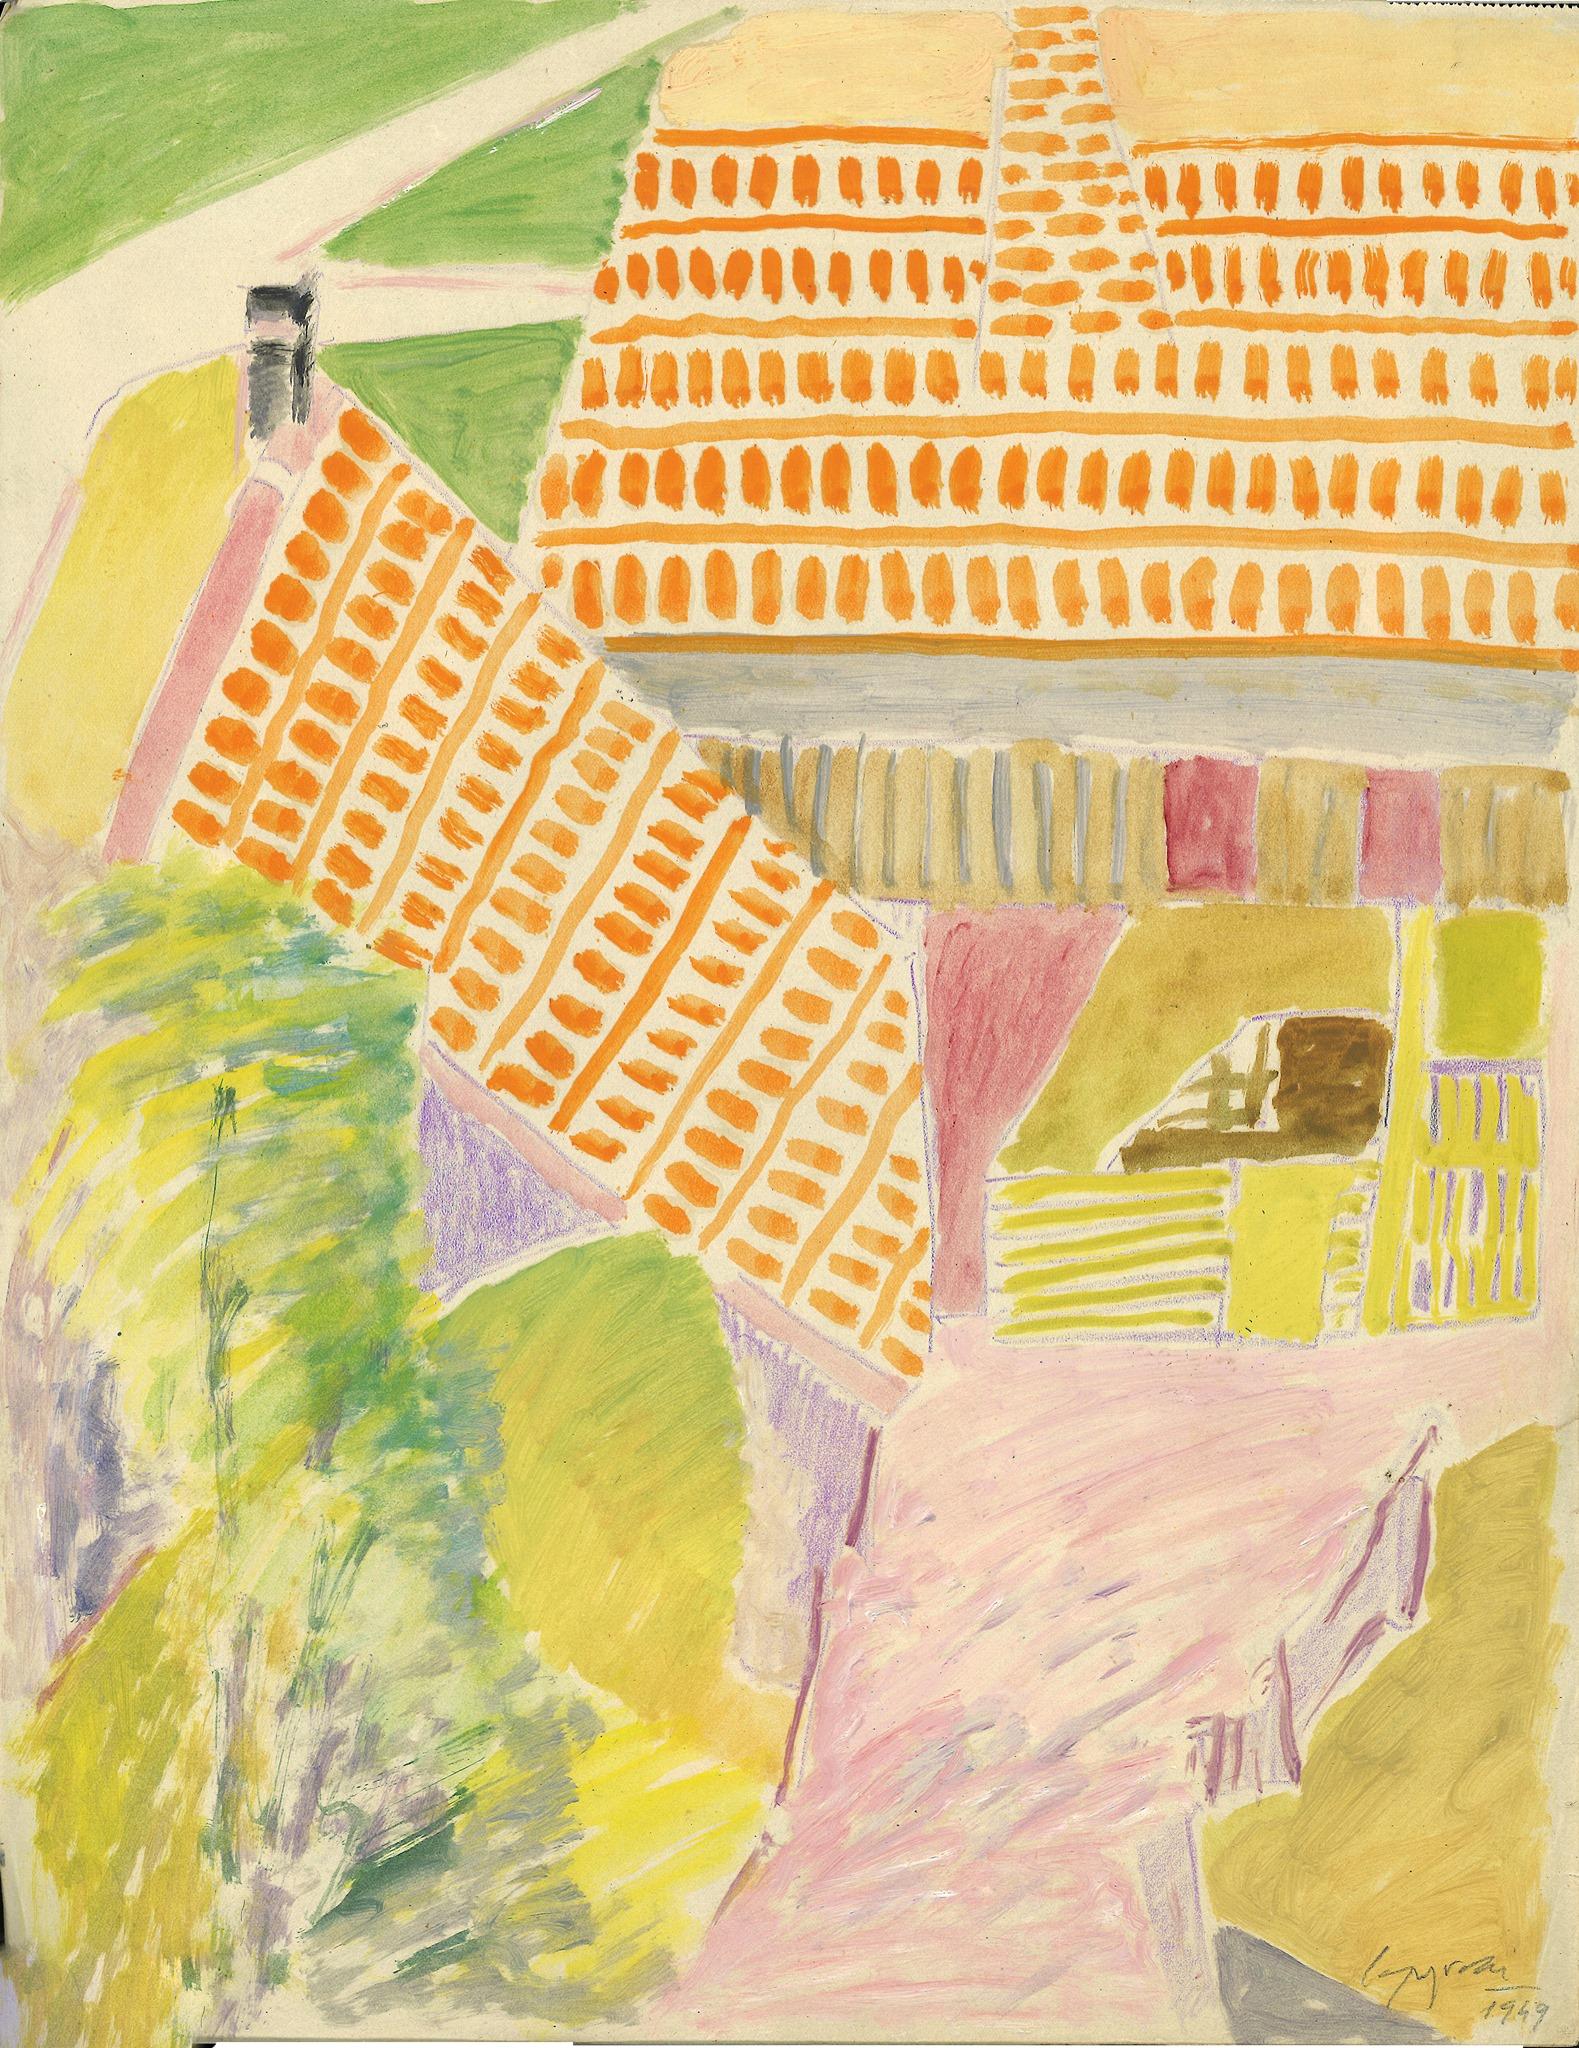 Giuseppe Capogrossi, Studio di tetti, 1949, matita colorata, tempera e olio su carta, cm 43,5x34